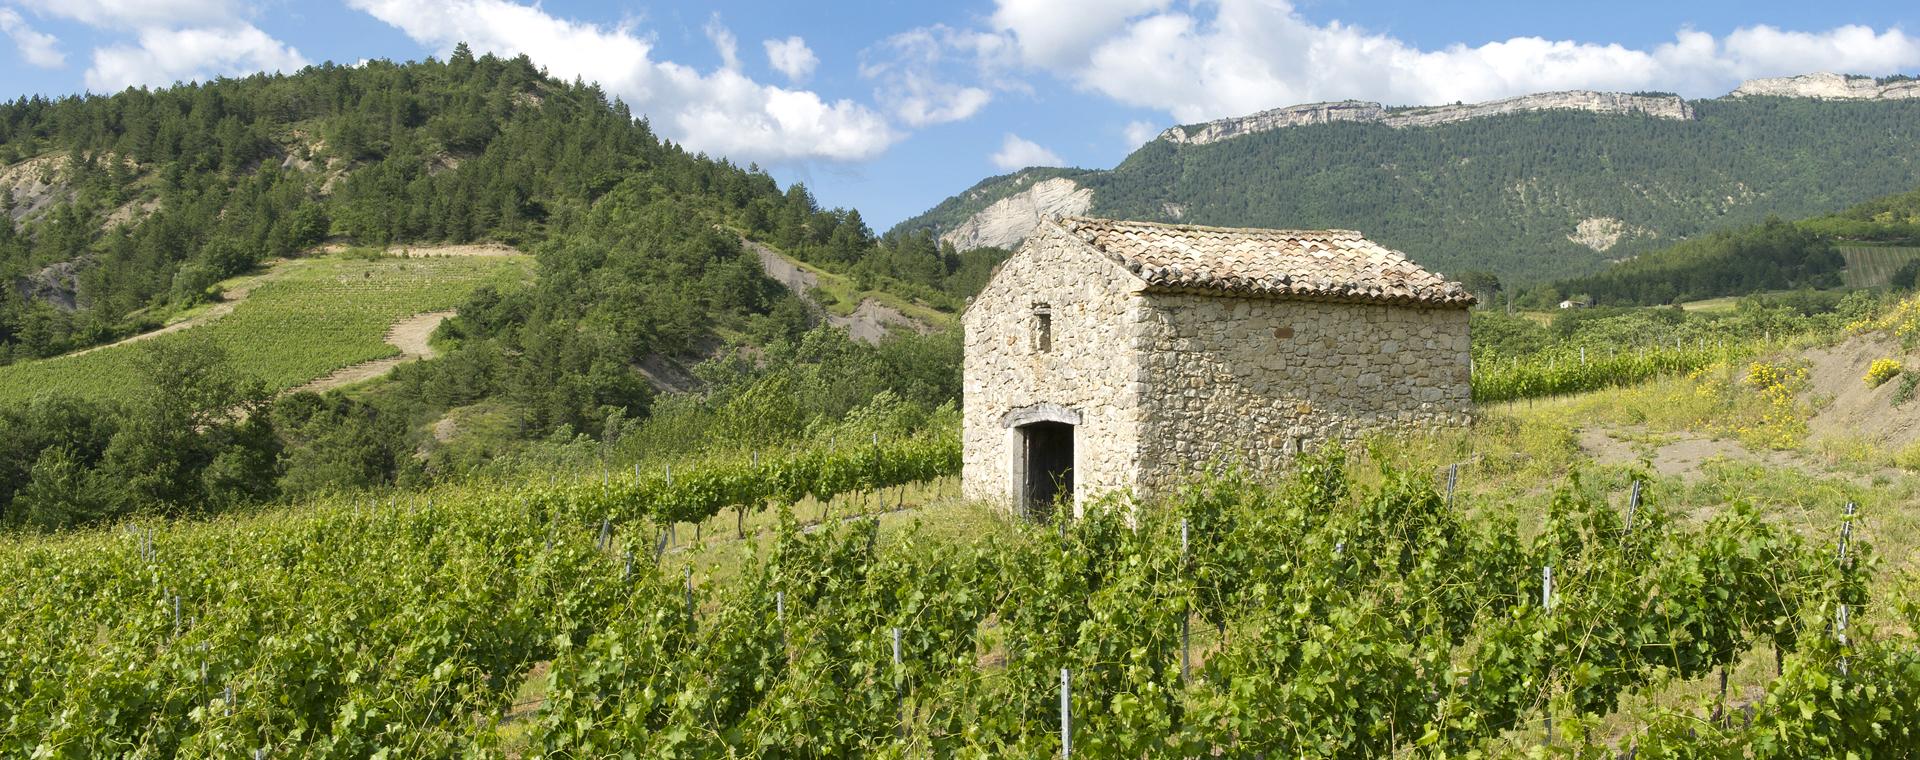 Voyage à pied France : Retrouvance® : vallée de la Roanne